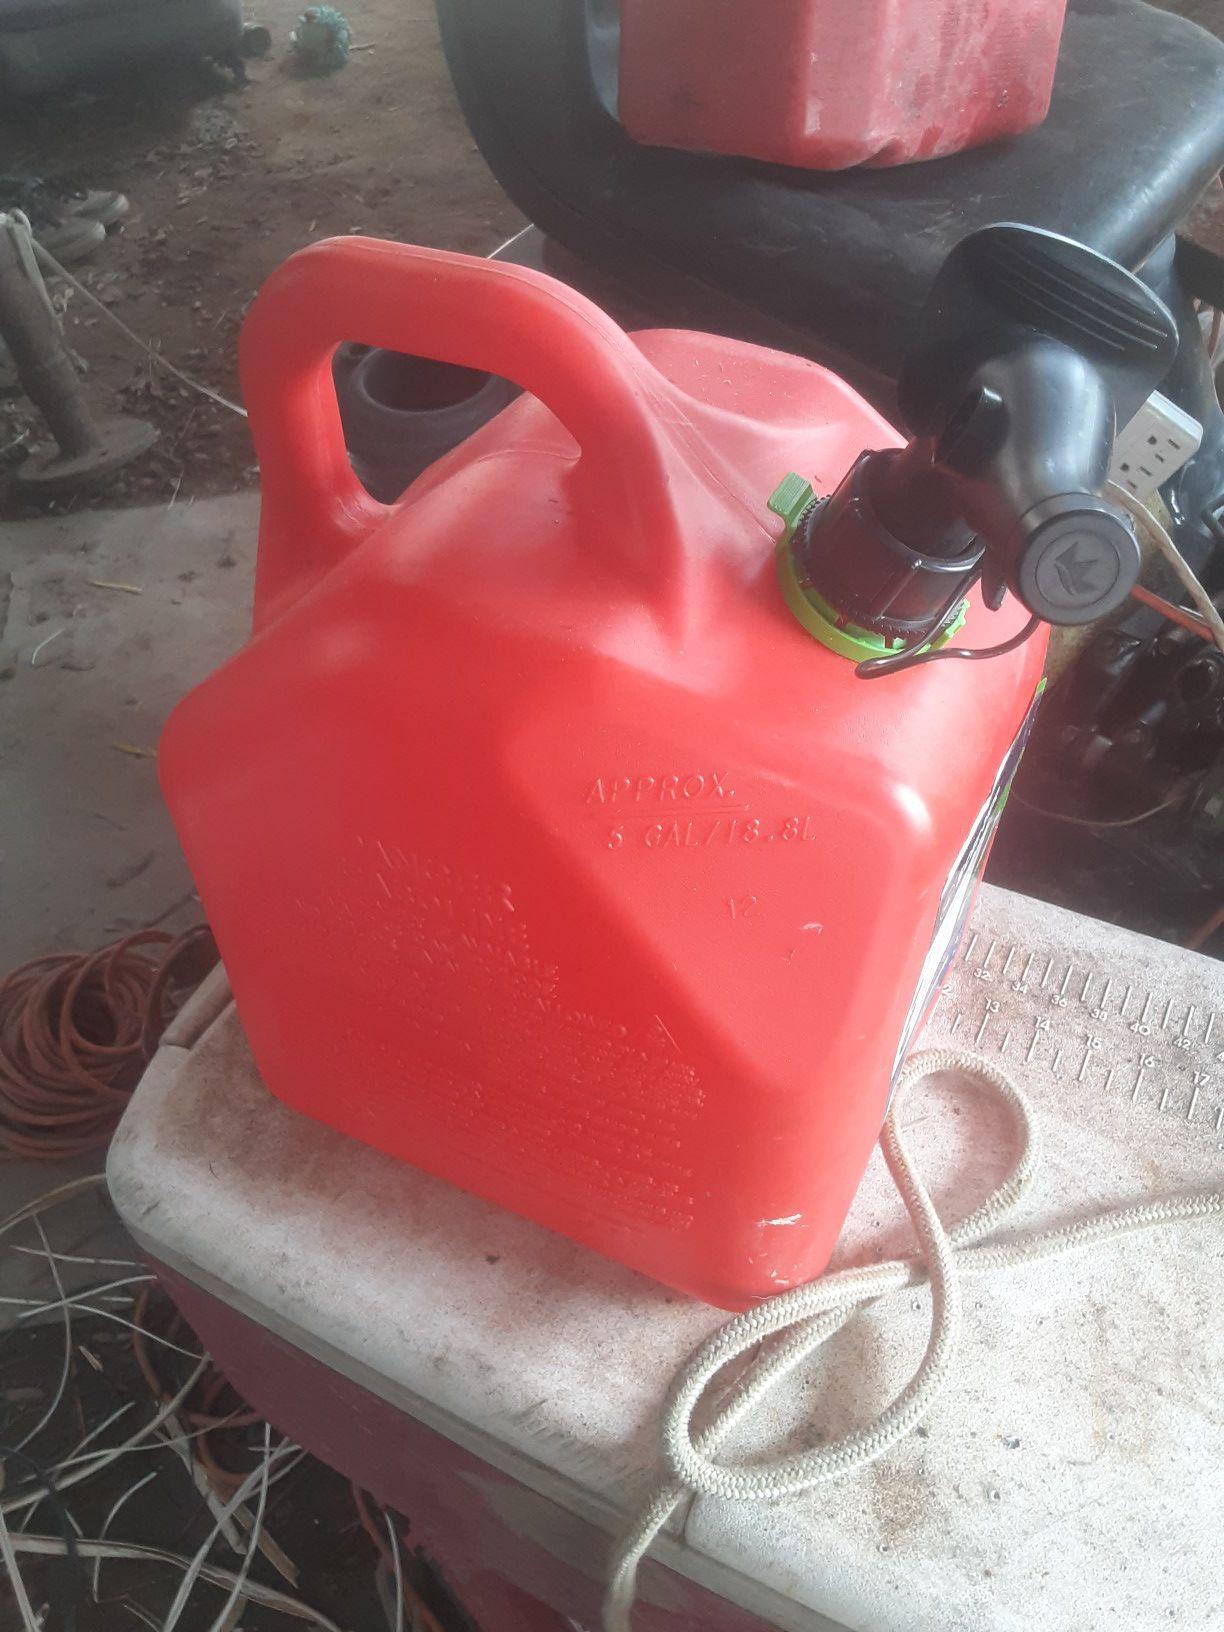 Sceptre 5 gallon gas can